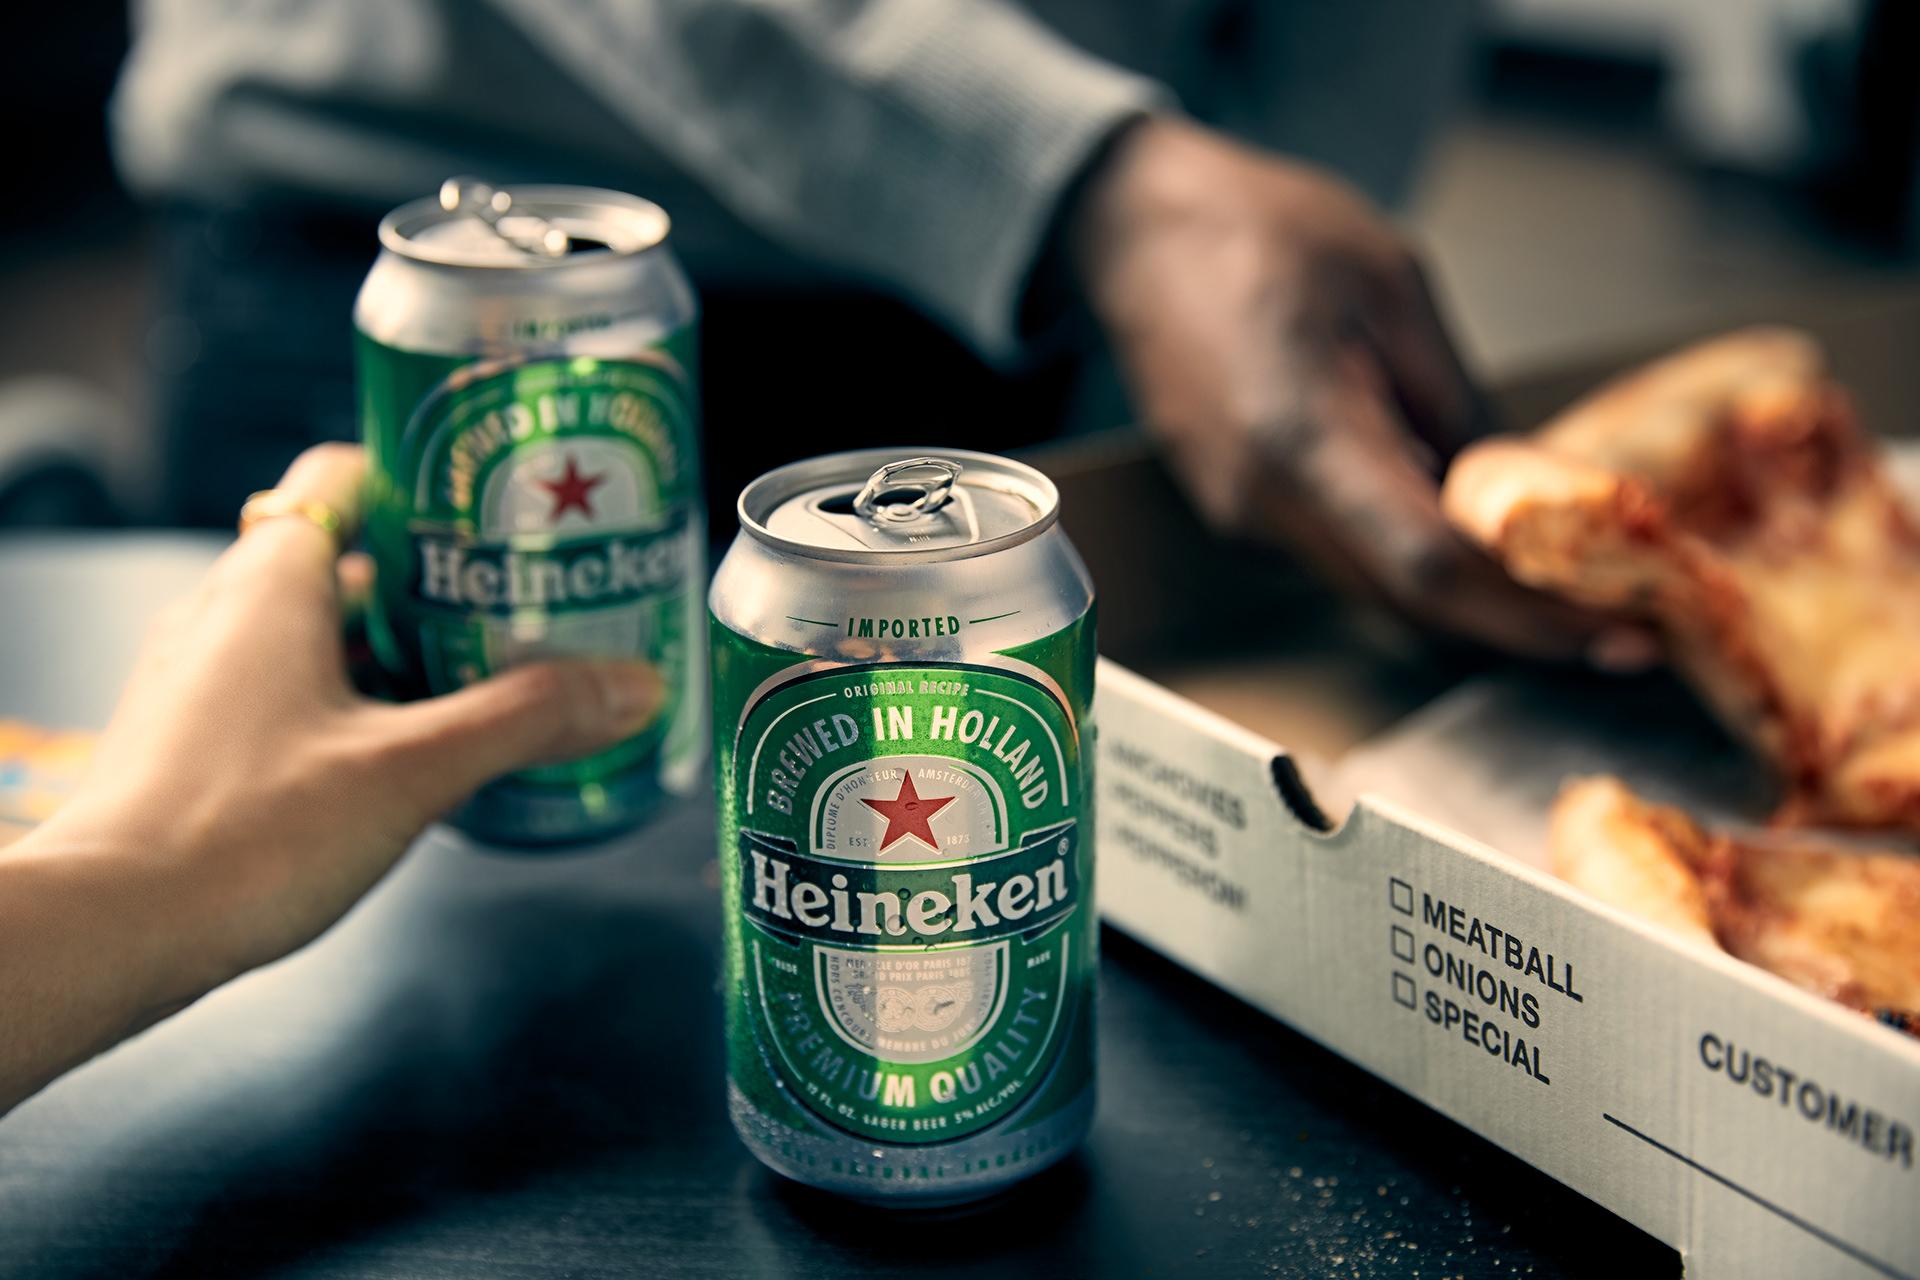 beer-can-fresh-pizza-hands-heineken